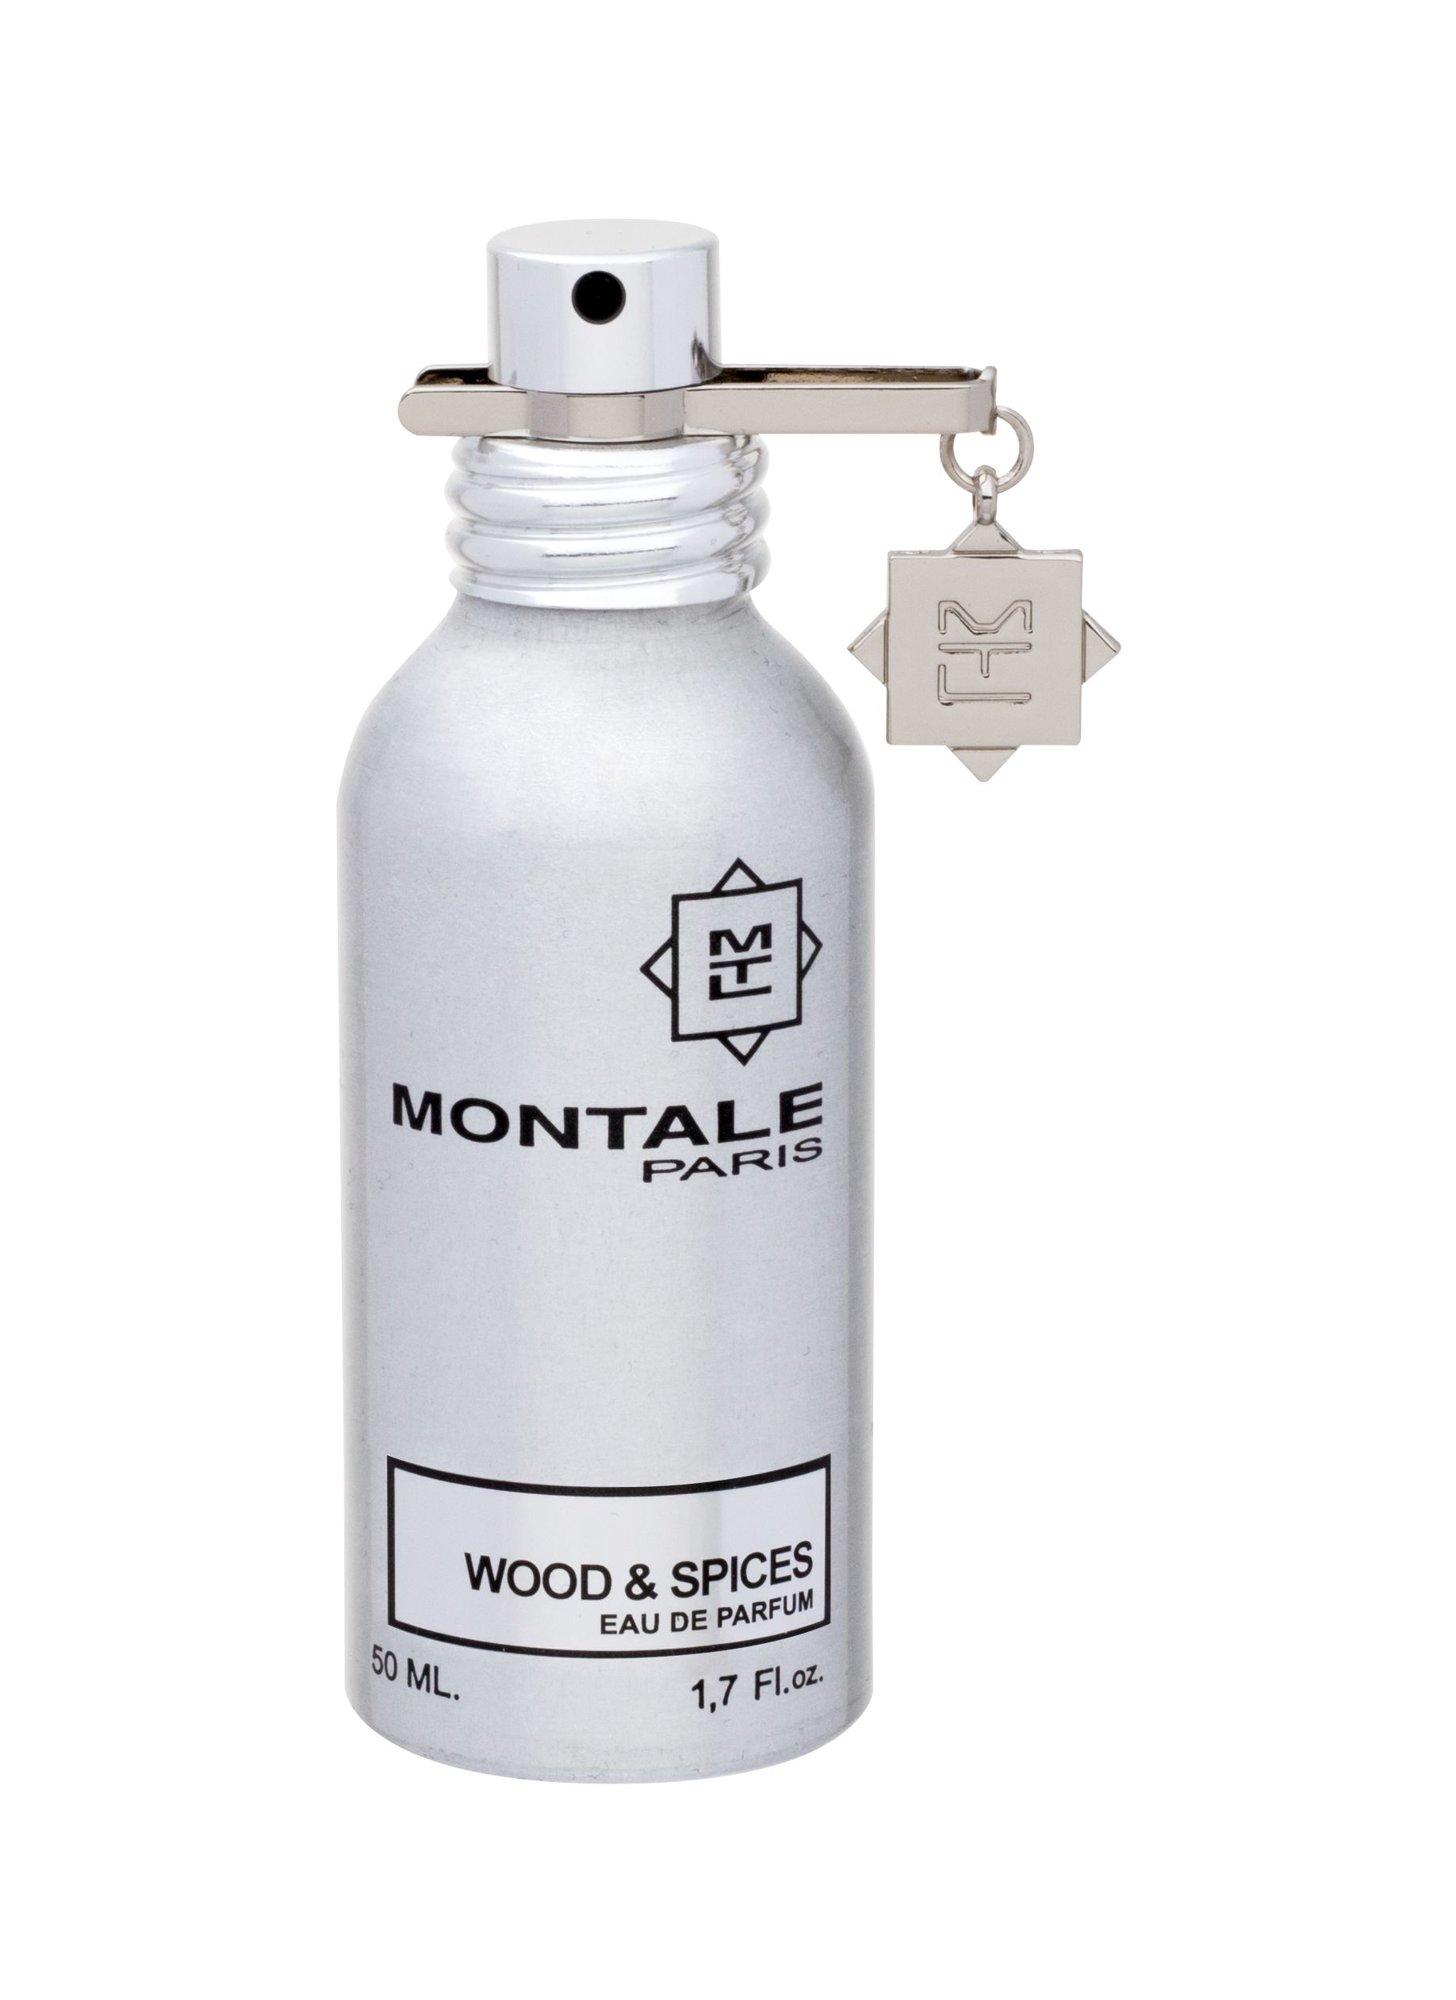 Montale Paris Wood & Spices EDP 50ml